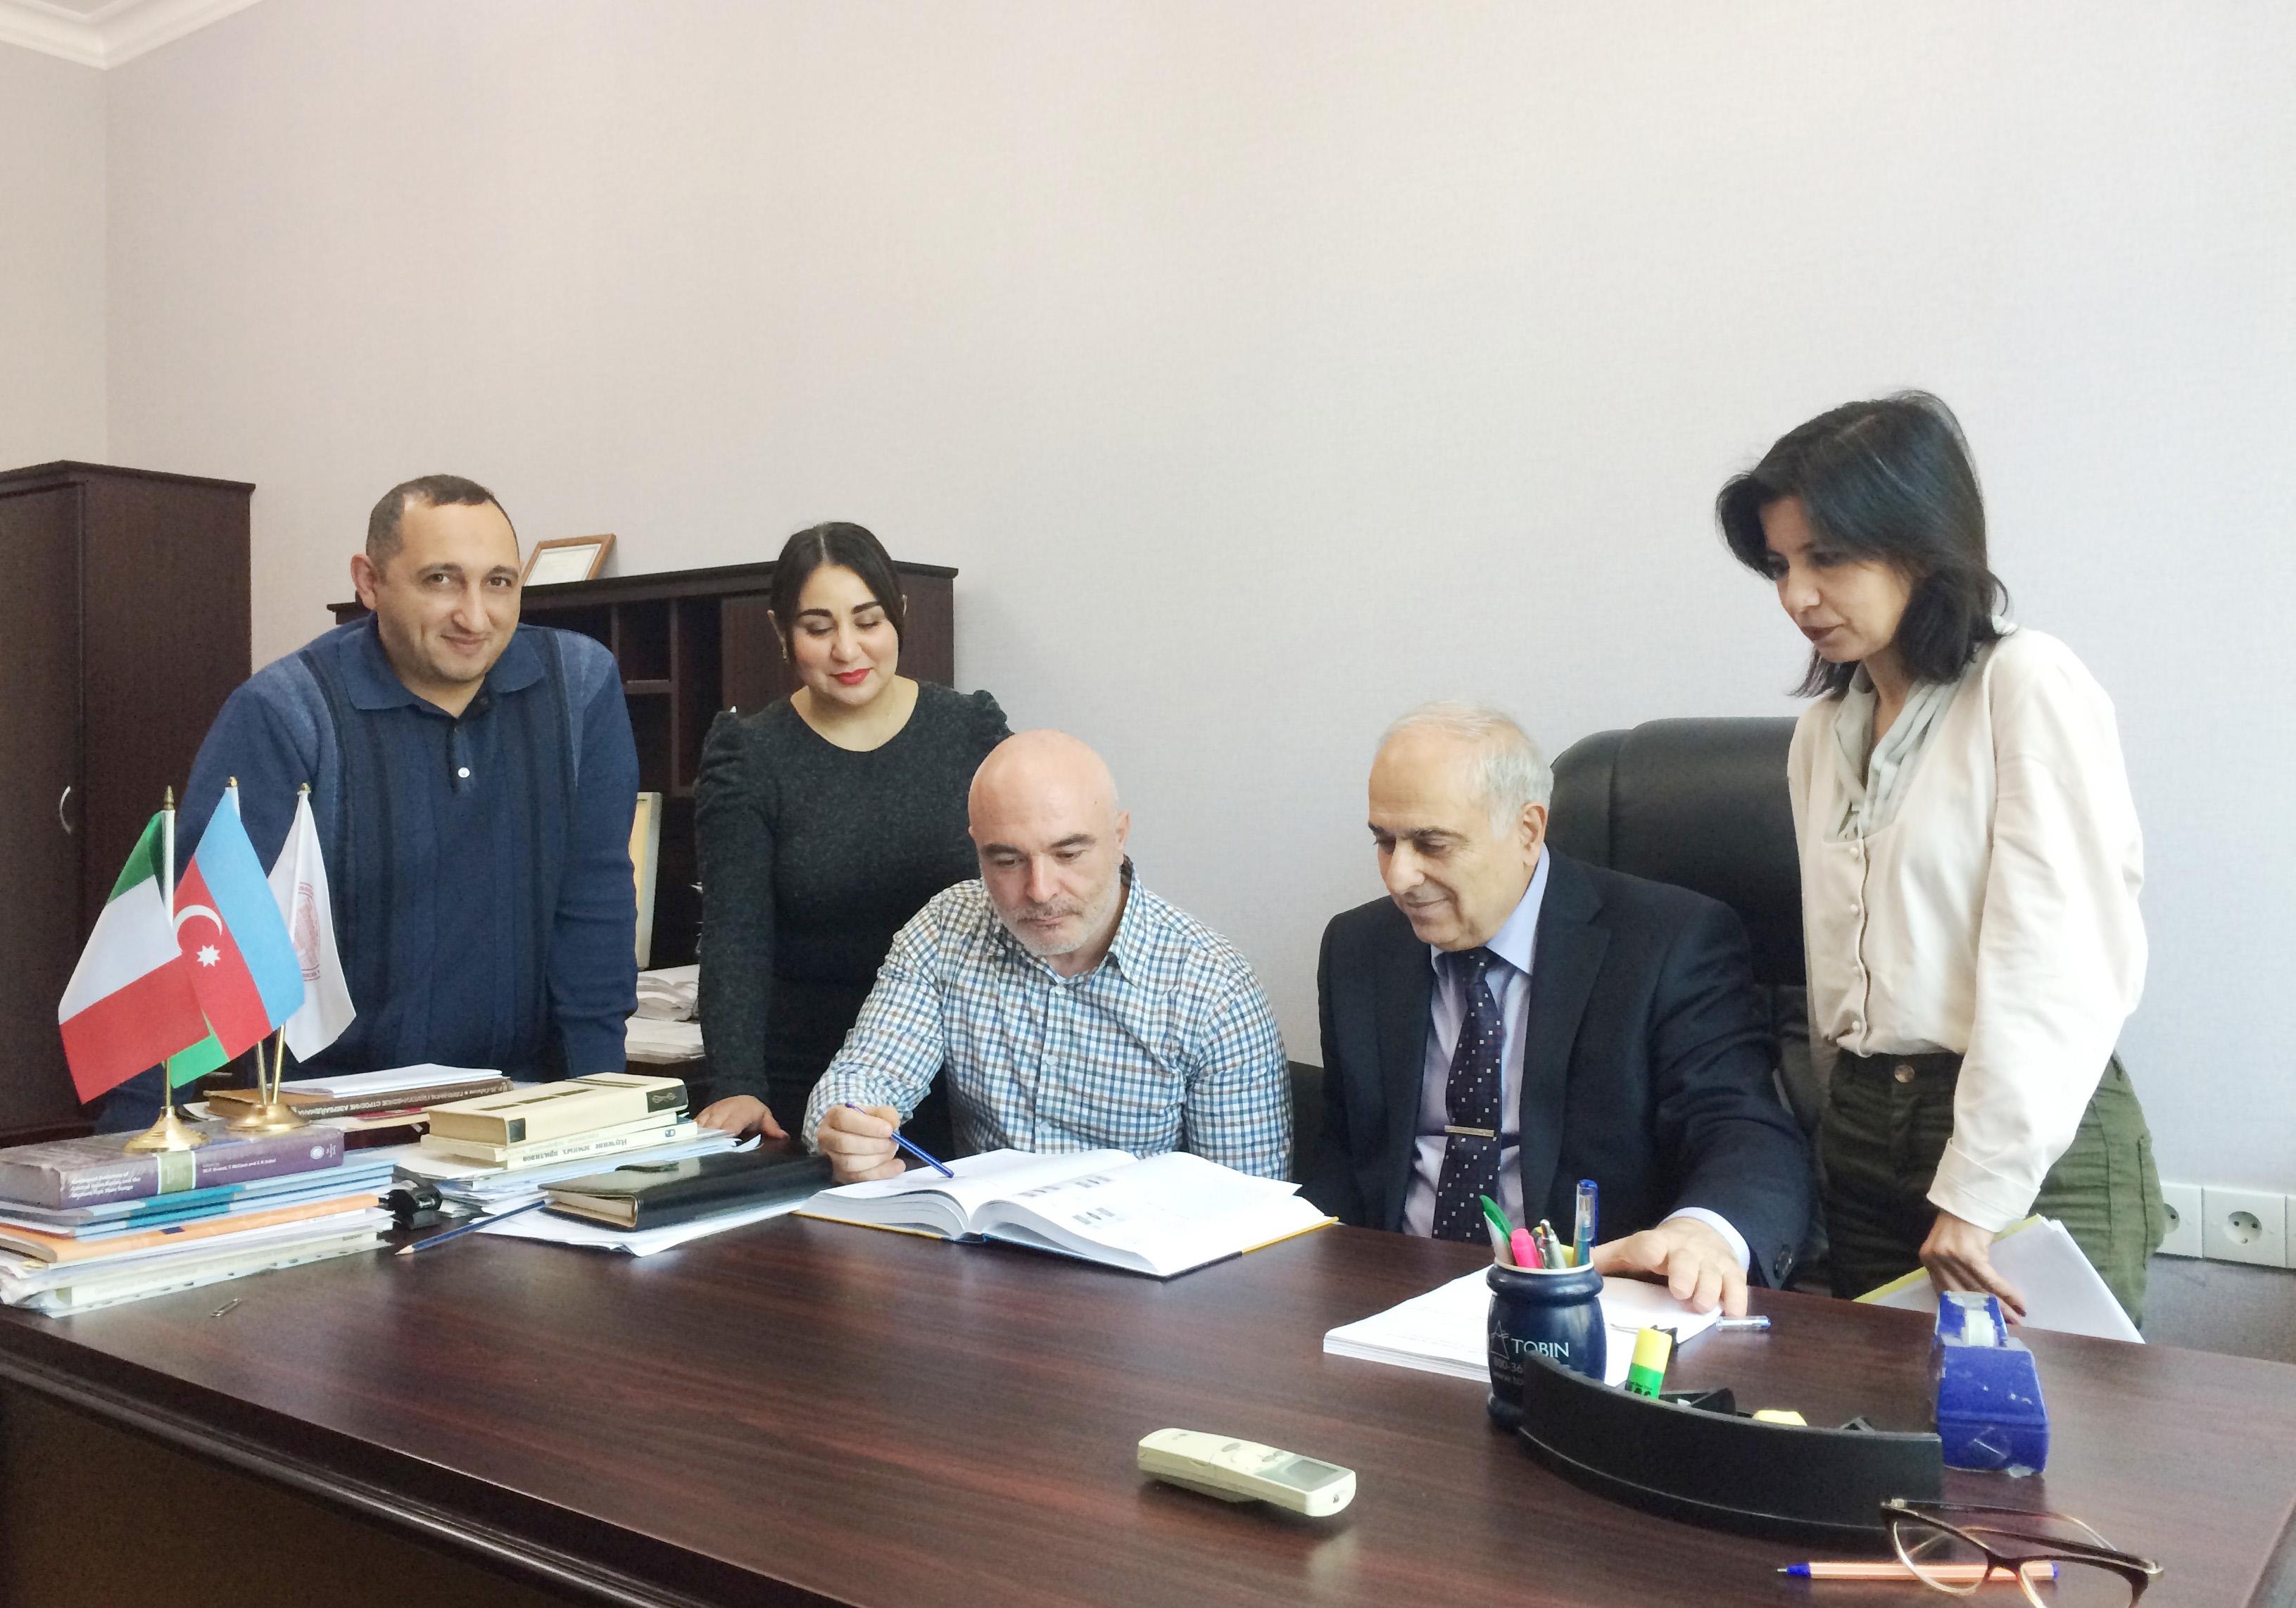 Azərbaycan və İtaliya alimləri birgə tədqiqatlar aparirlar